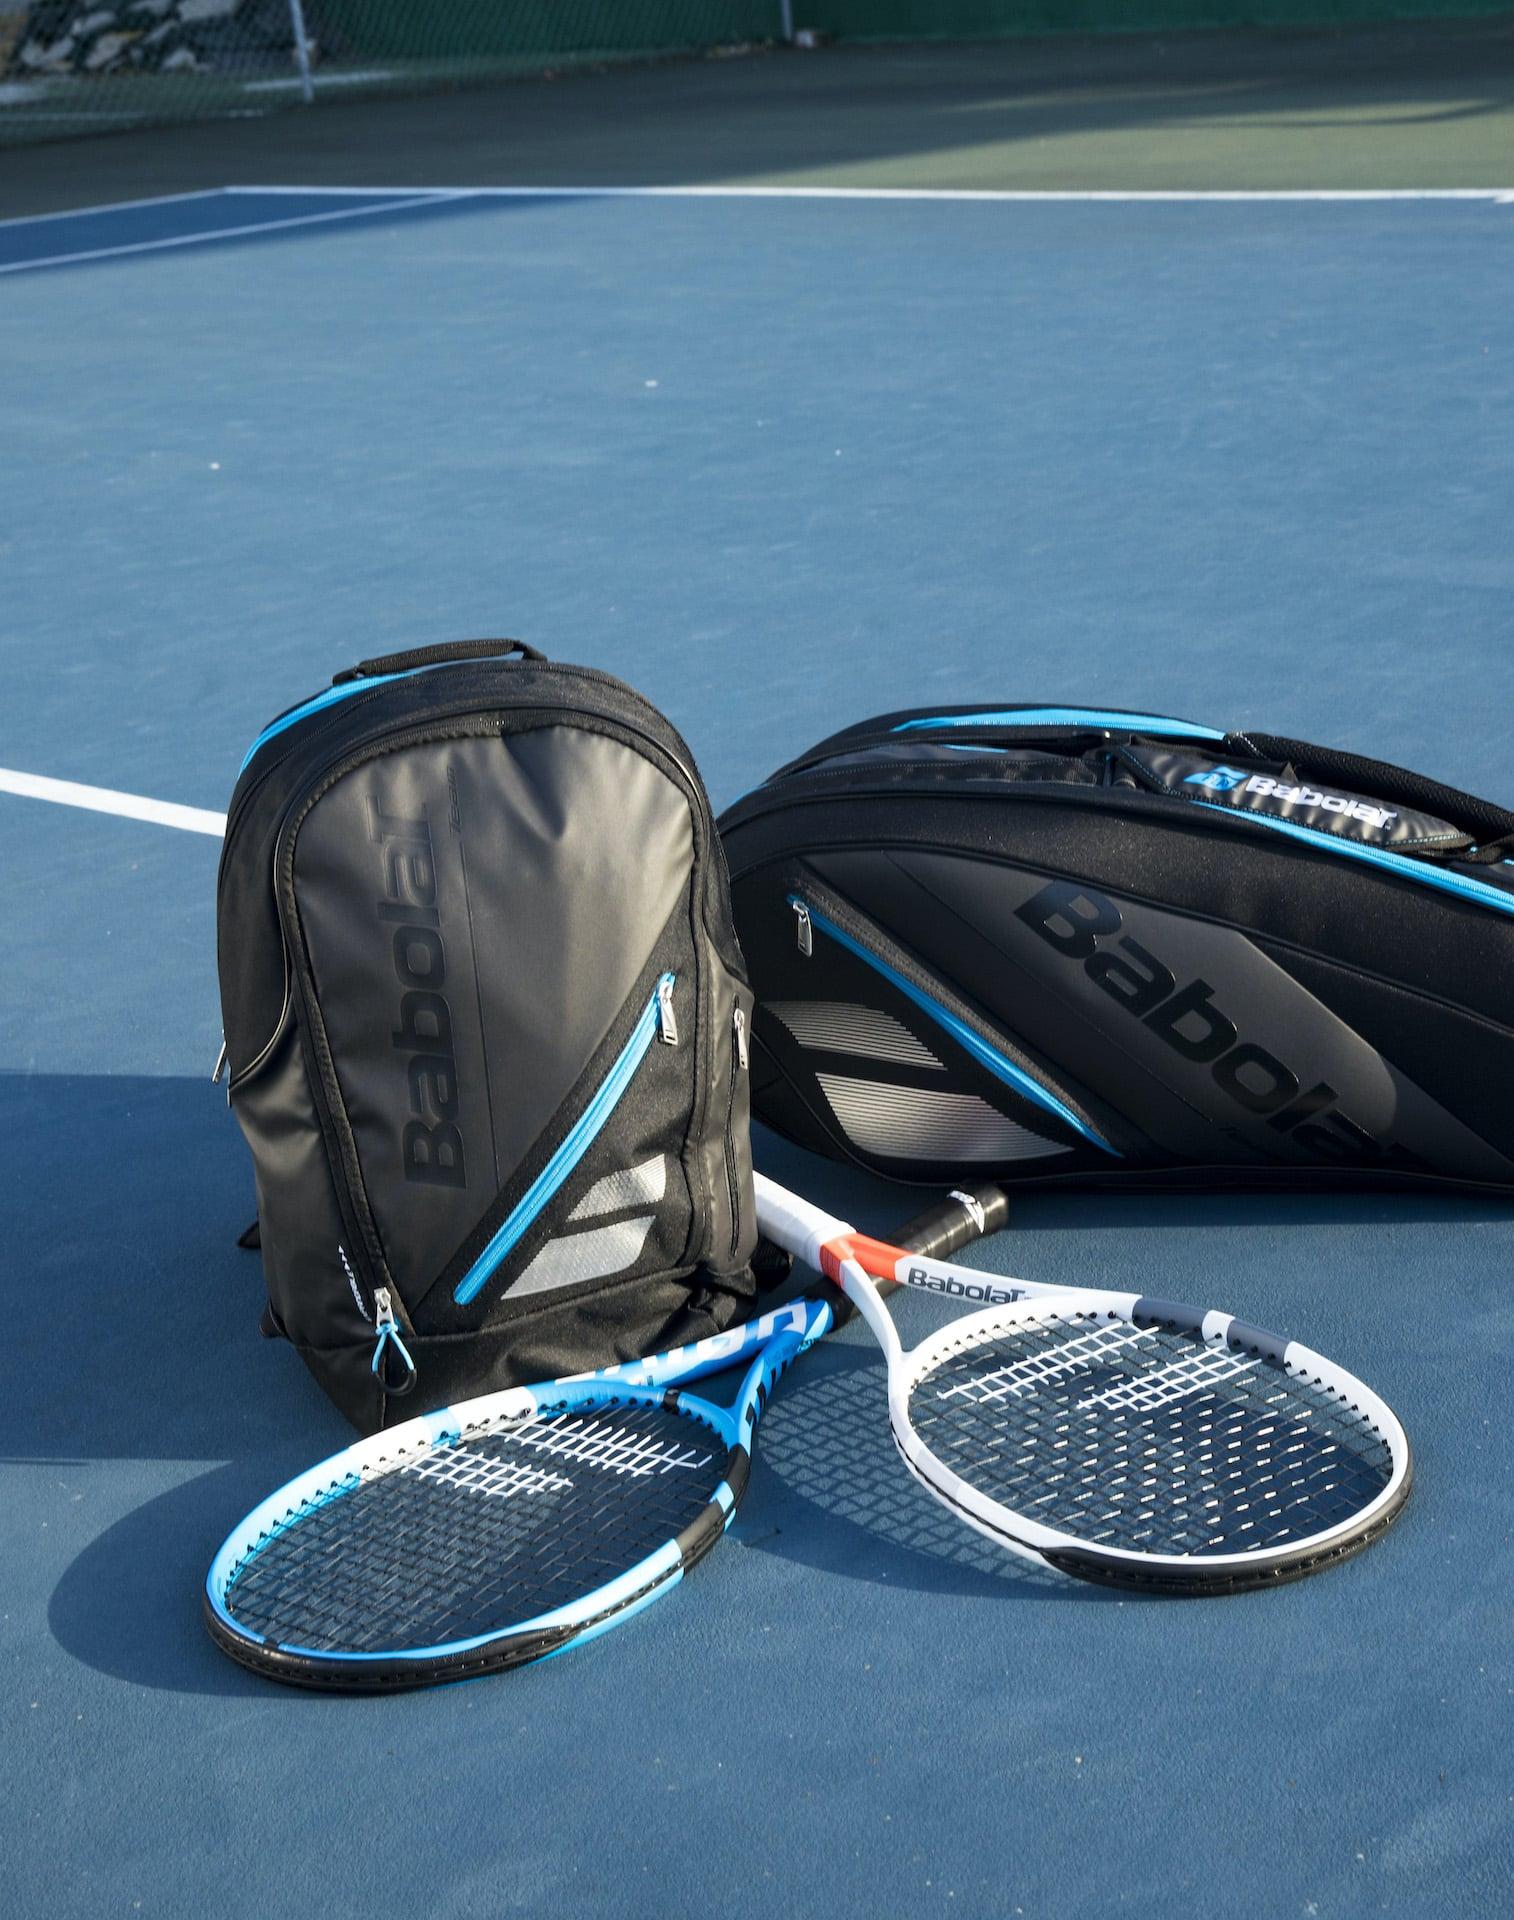 Leihschläger für Tennis-Fans